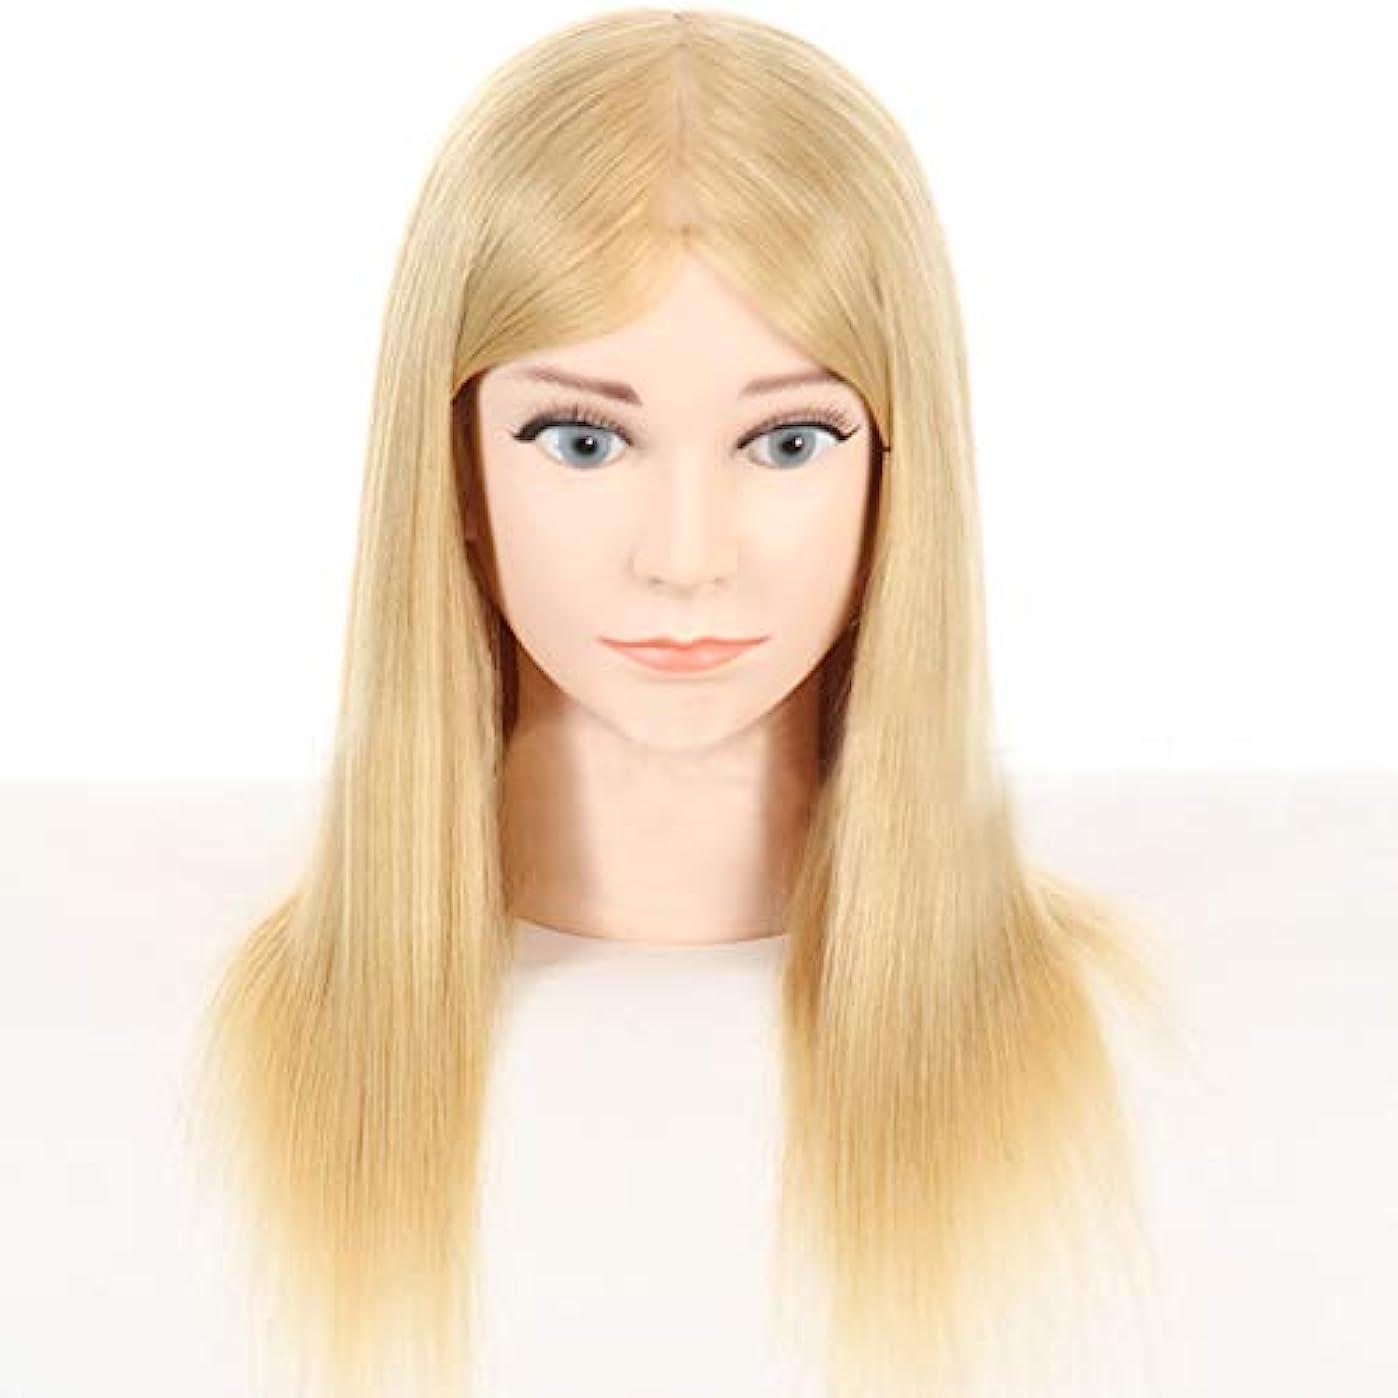 ボス倍率シンポジウム本物の人間の髪のかつらの頭の金型の理髪の髪型のスタイリングマネキンの頭の理髪店の練習の練習ダミーヘッド